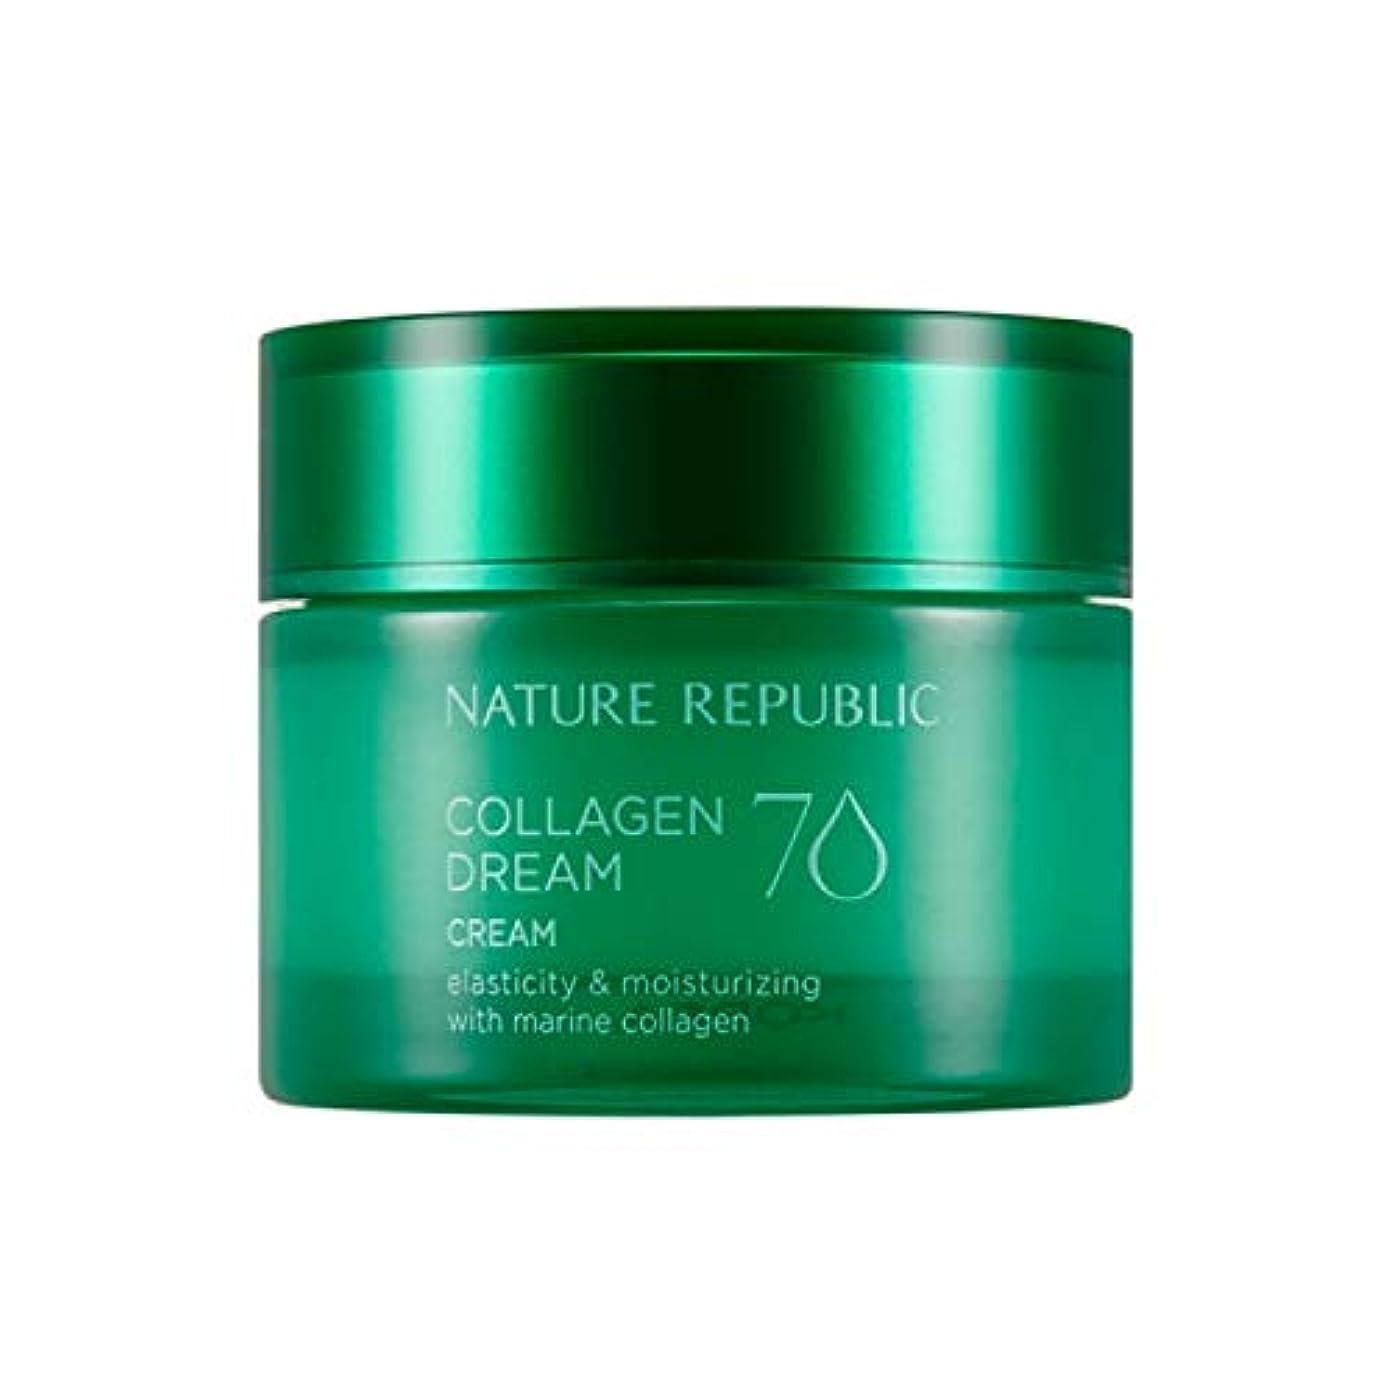 意気揚々従事したキャプテンブライネイチャーリパブリック(Nature Republic)コラーゲンドリーム70クリーム 50ml / Collagen Dream 70 Cream 50ml :: 韓国コスメ [並行輸入品]